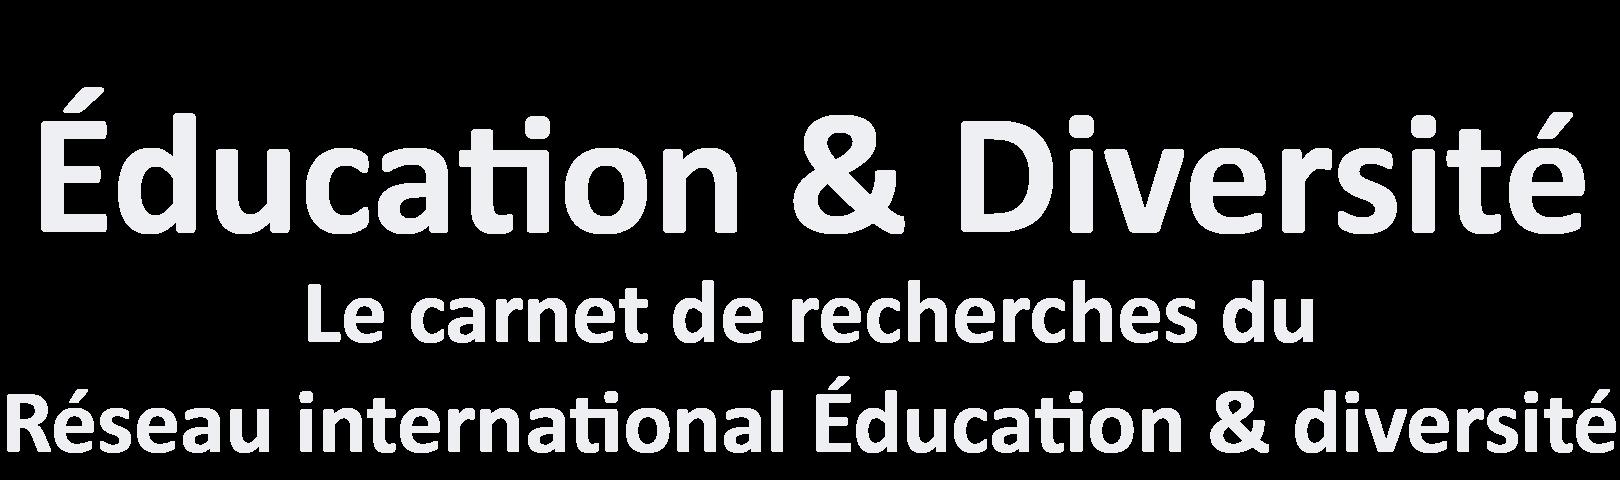 Éducation & Diversité